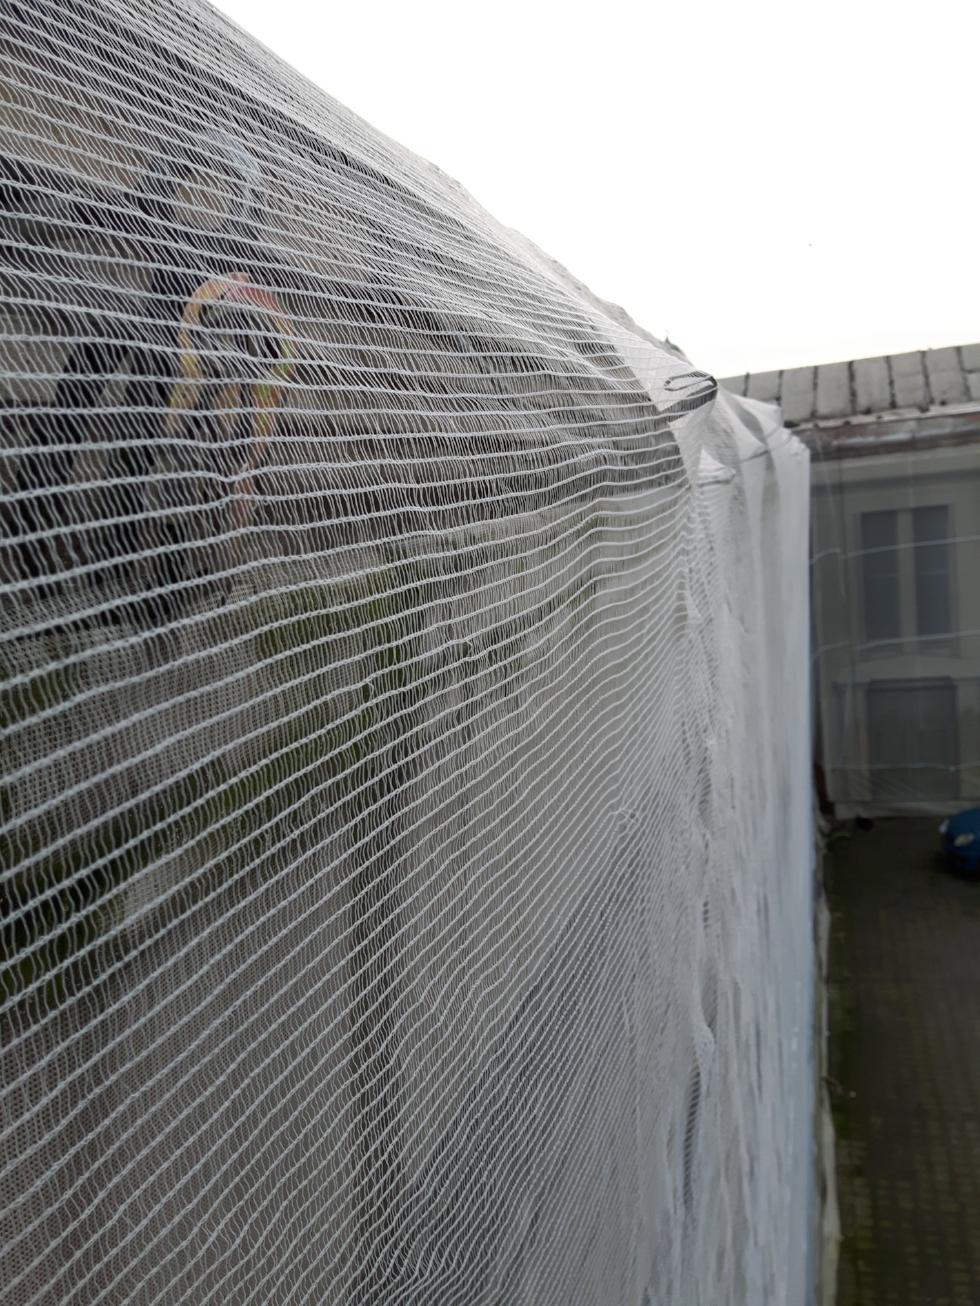 Siatka chroniąca przed odpadającymi elewmentami elewacji wykonana z polipropylenu.